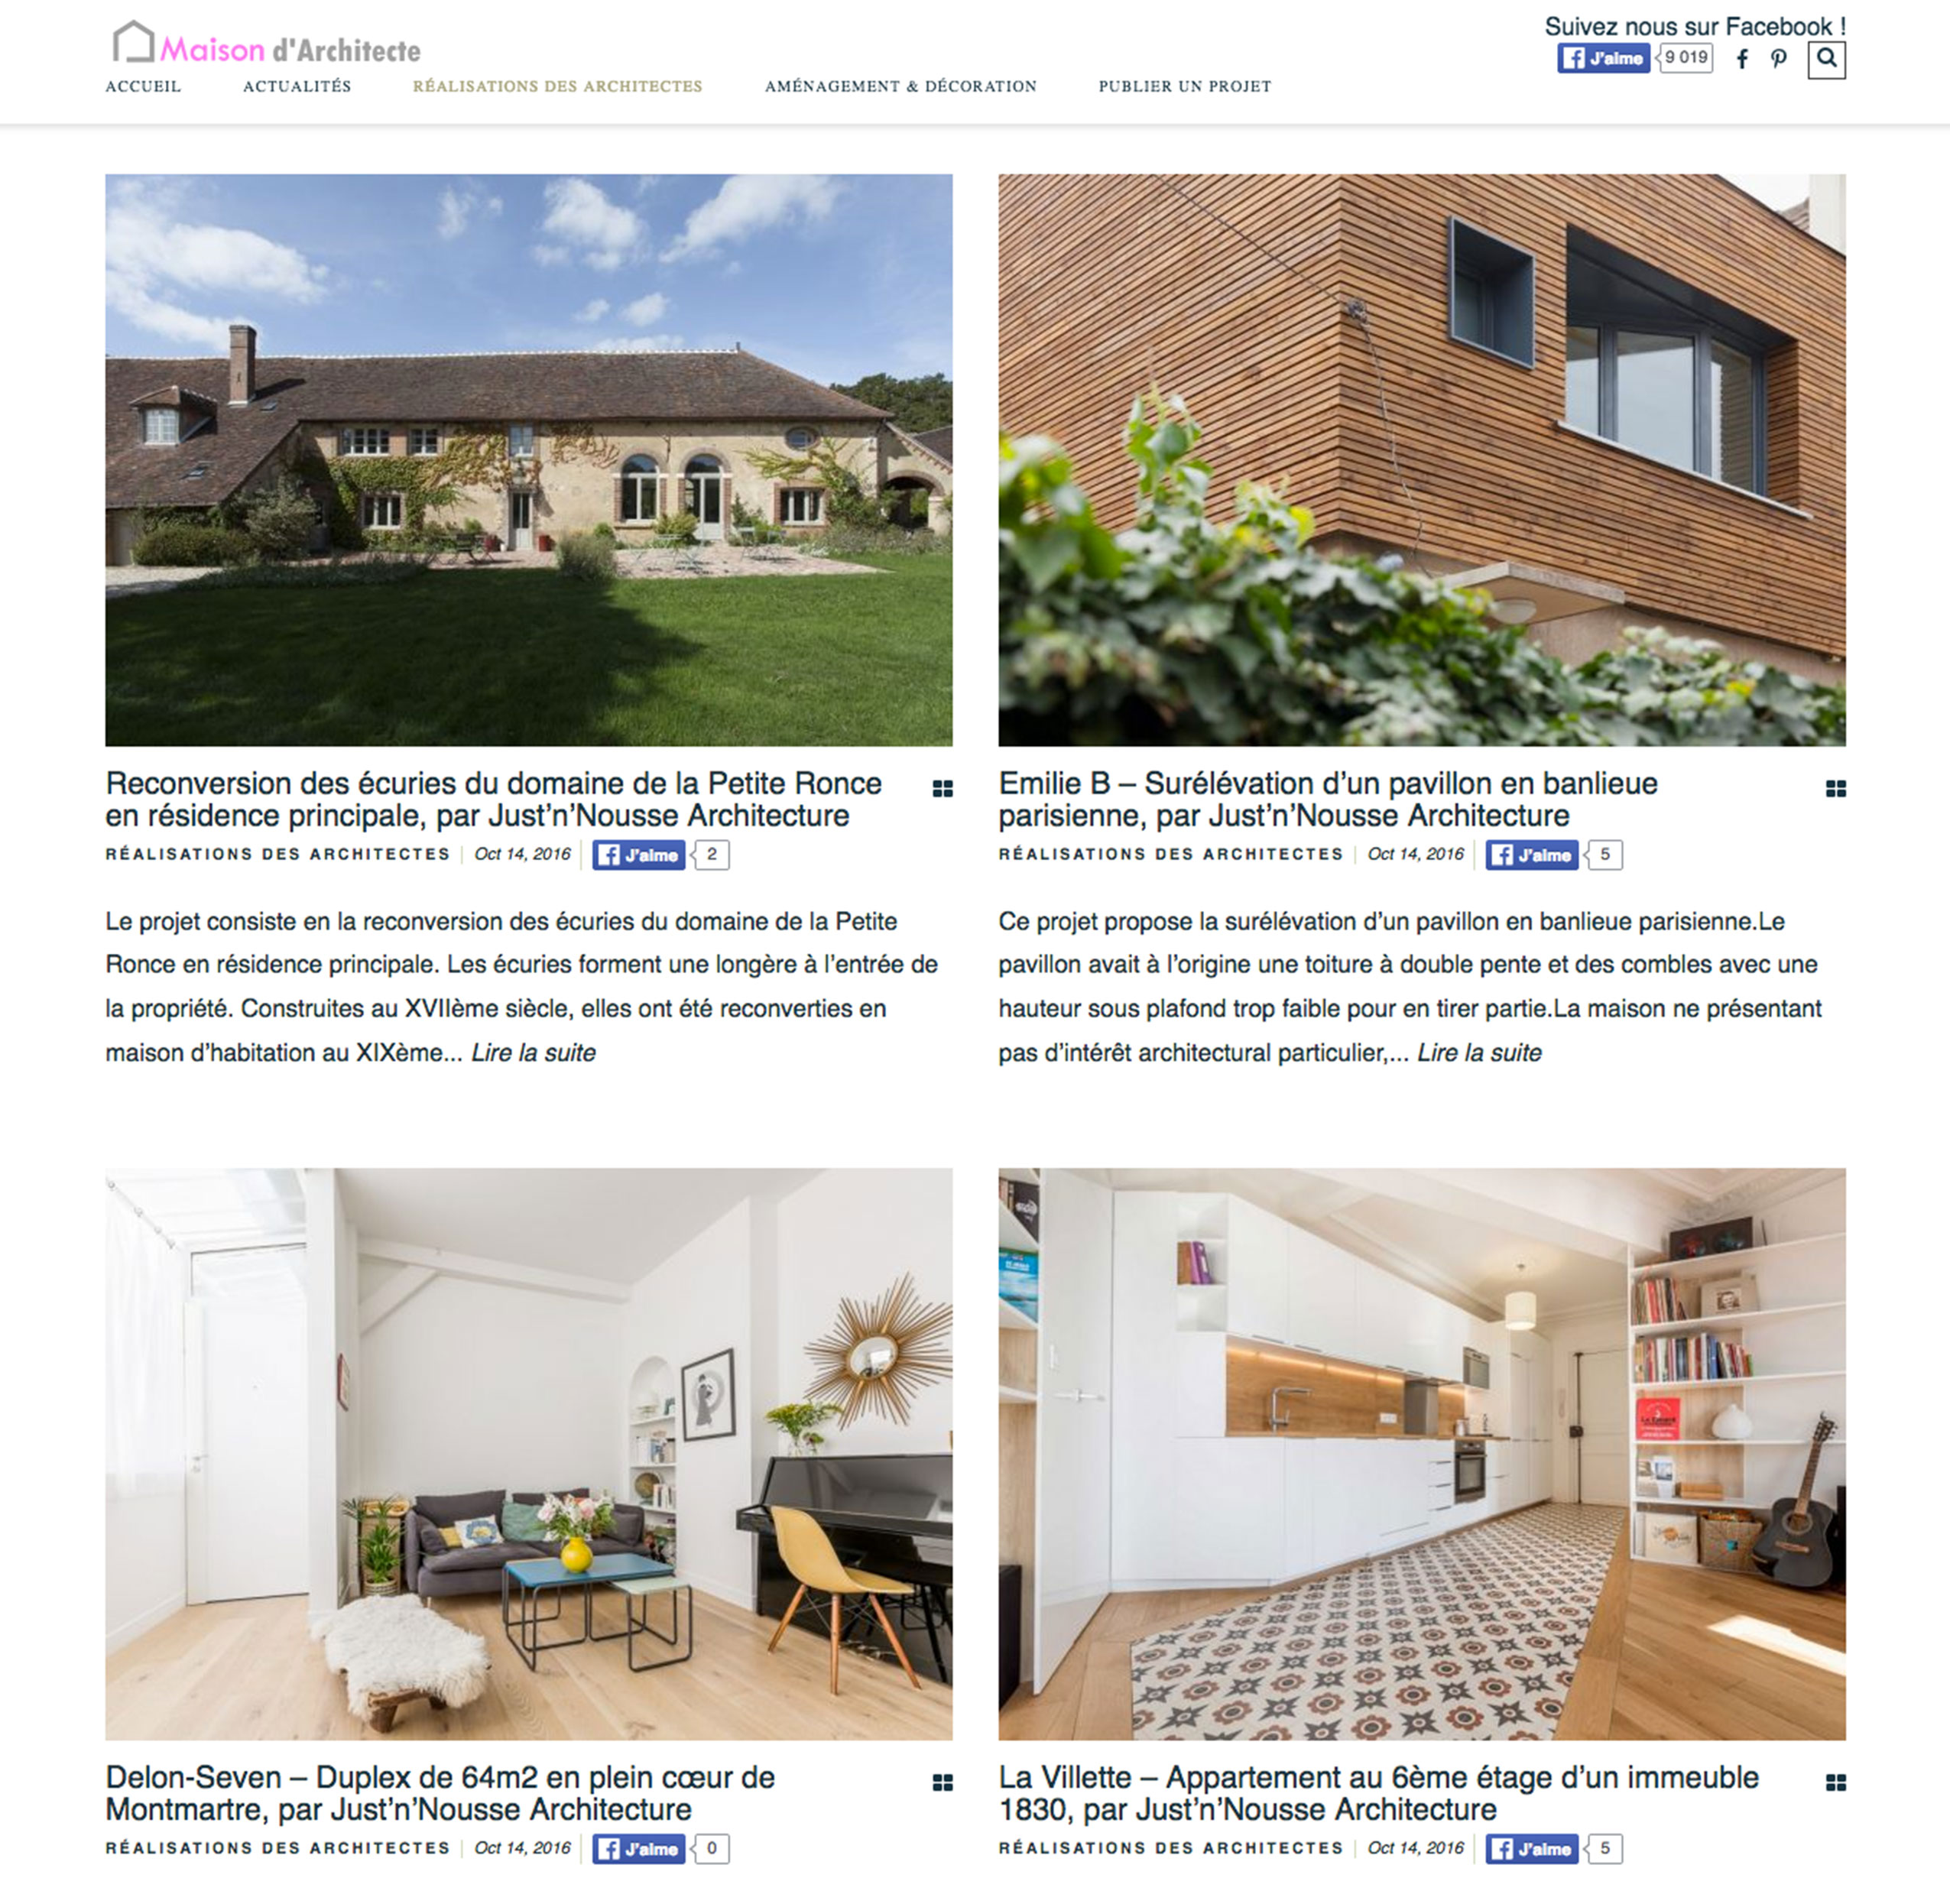 just-n-nousse_maison-d-architecte_publication